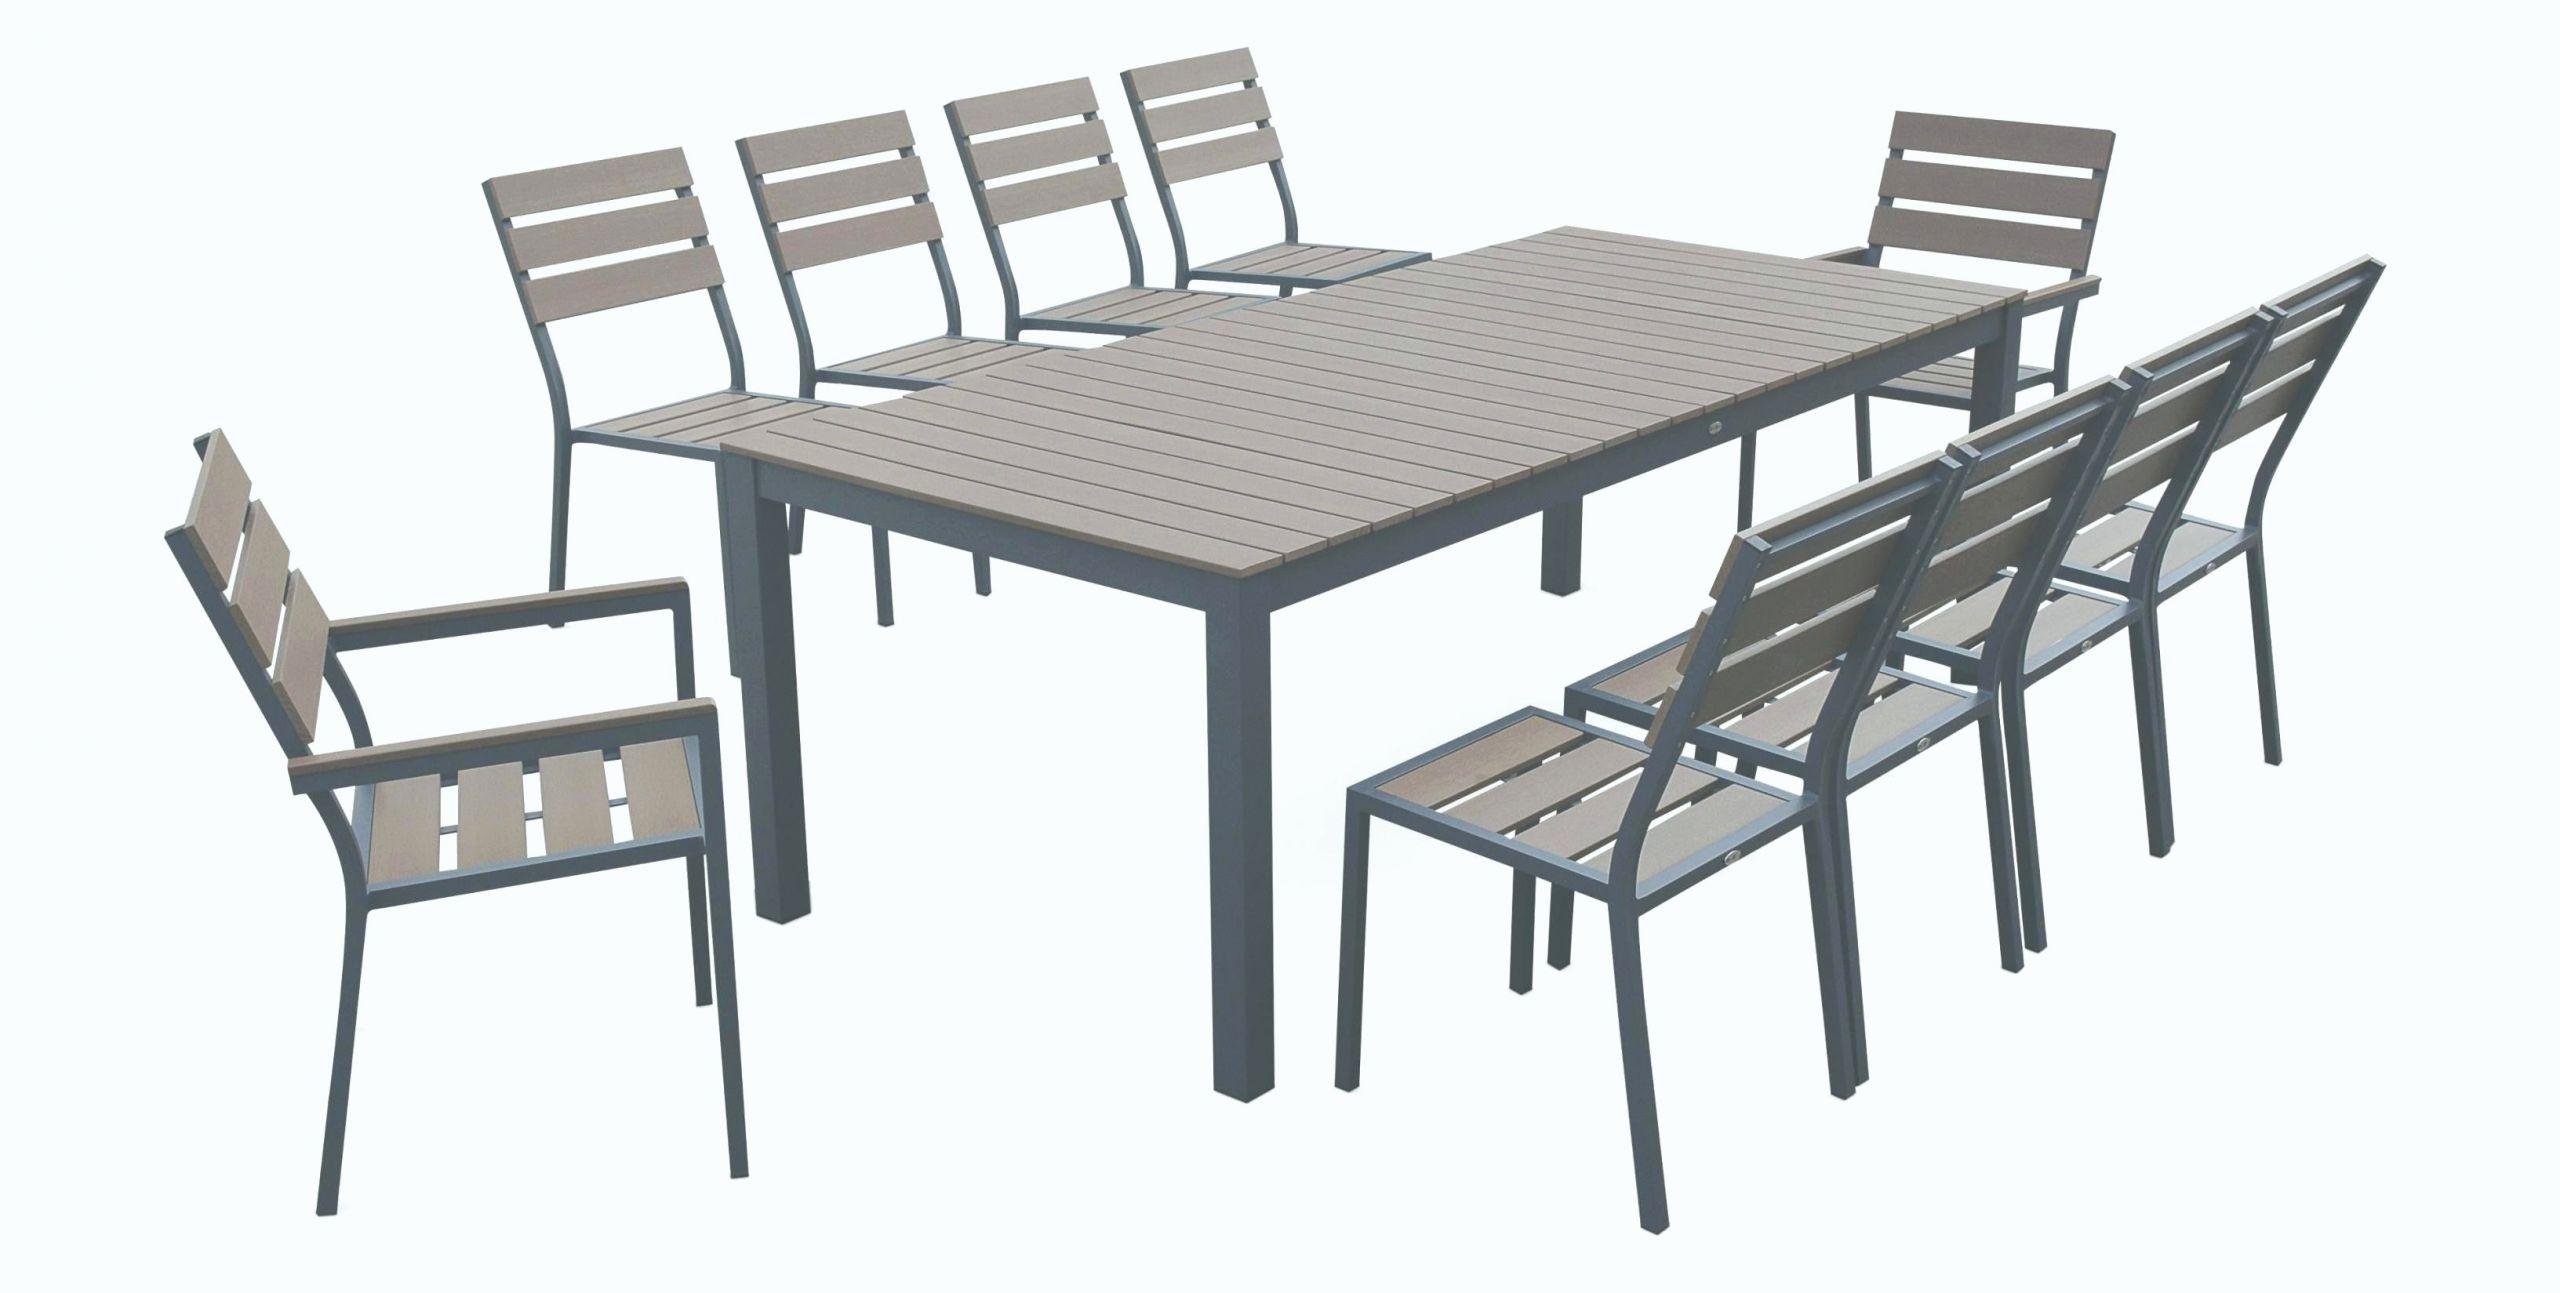 evier encastrable leroy merlin bnfique salon de jardin aluminium interessant chaise evier encastrable leroy merlin benefique salon de jardin aluminium unique chaise